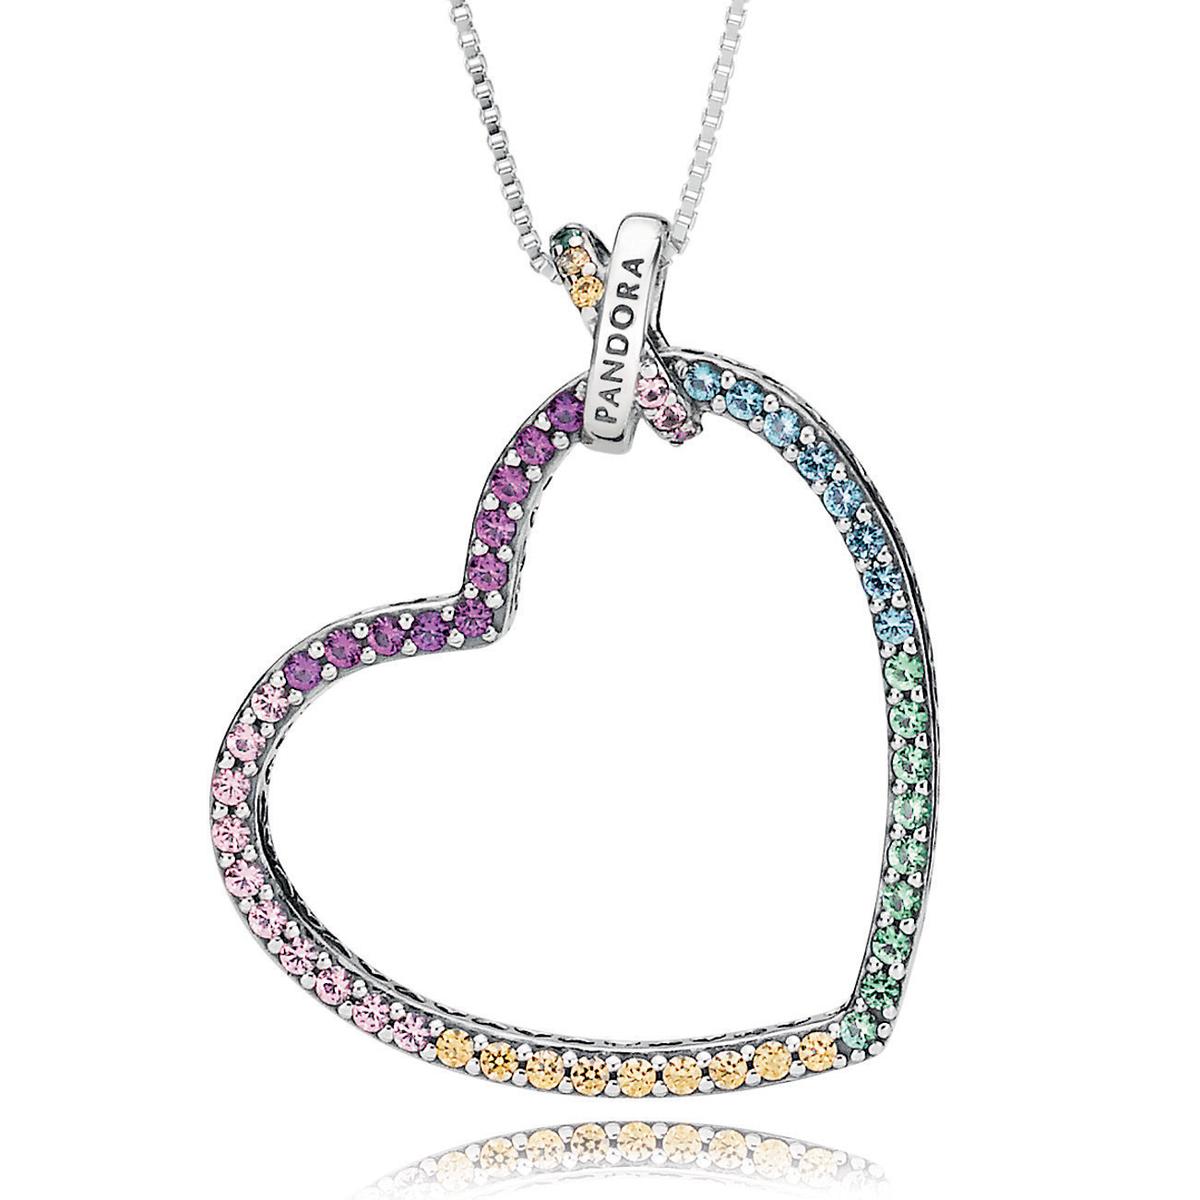 79d7b20e2733f PANDORA Multi-Colored Heart Necklace- RETIRED!